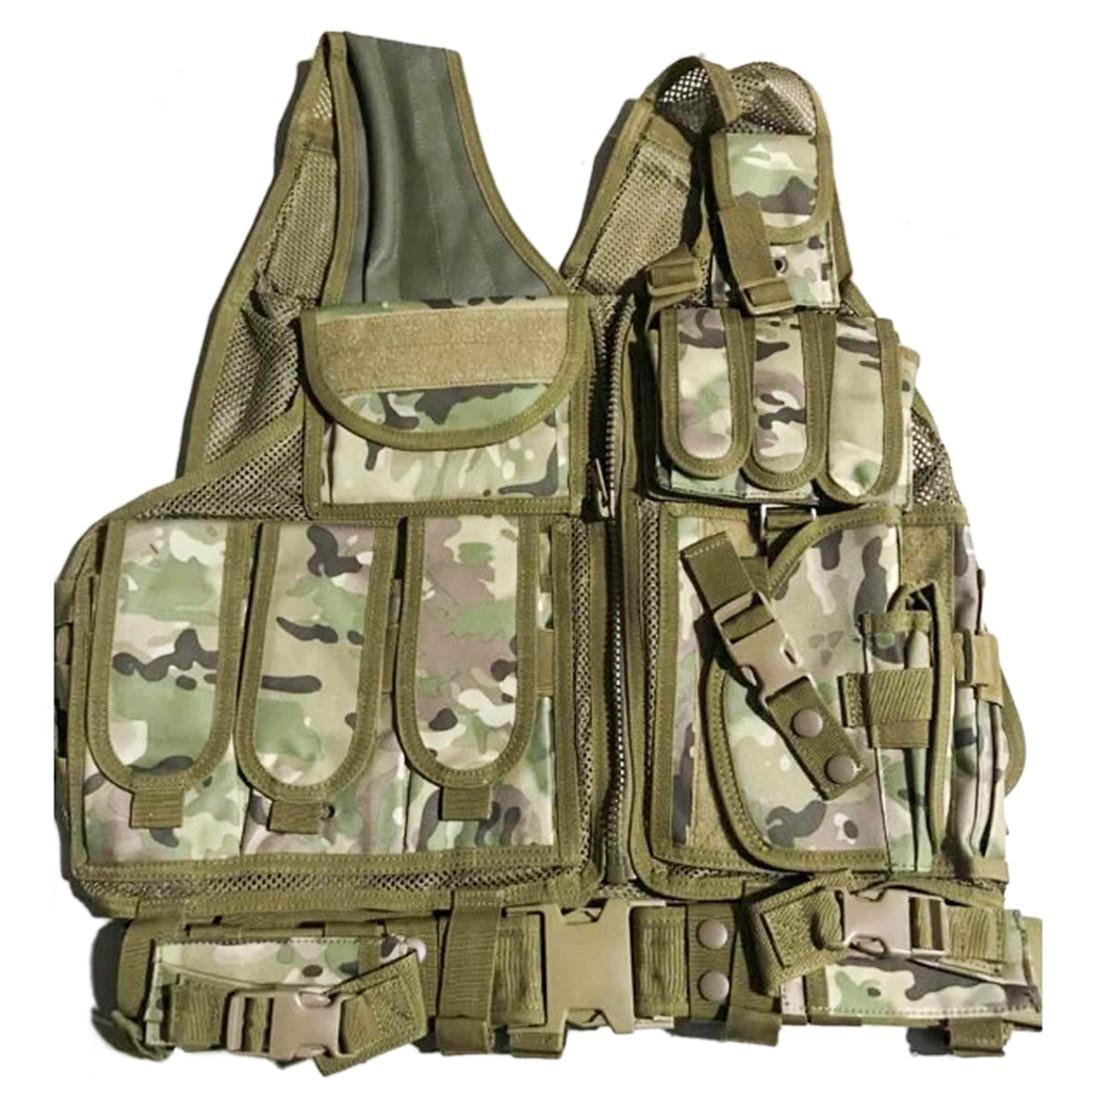 Extérieur Tactiques Accessoires Molle Multi-fonction Combiné Tactique Protecteur pour Nerf Défense Jouet Pistolet Modifié Accessoires